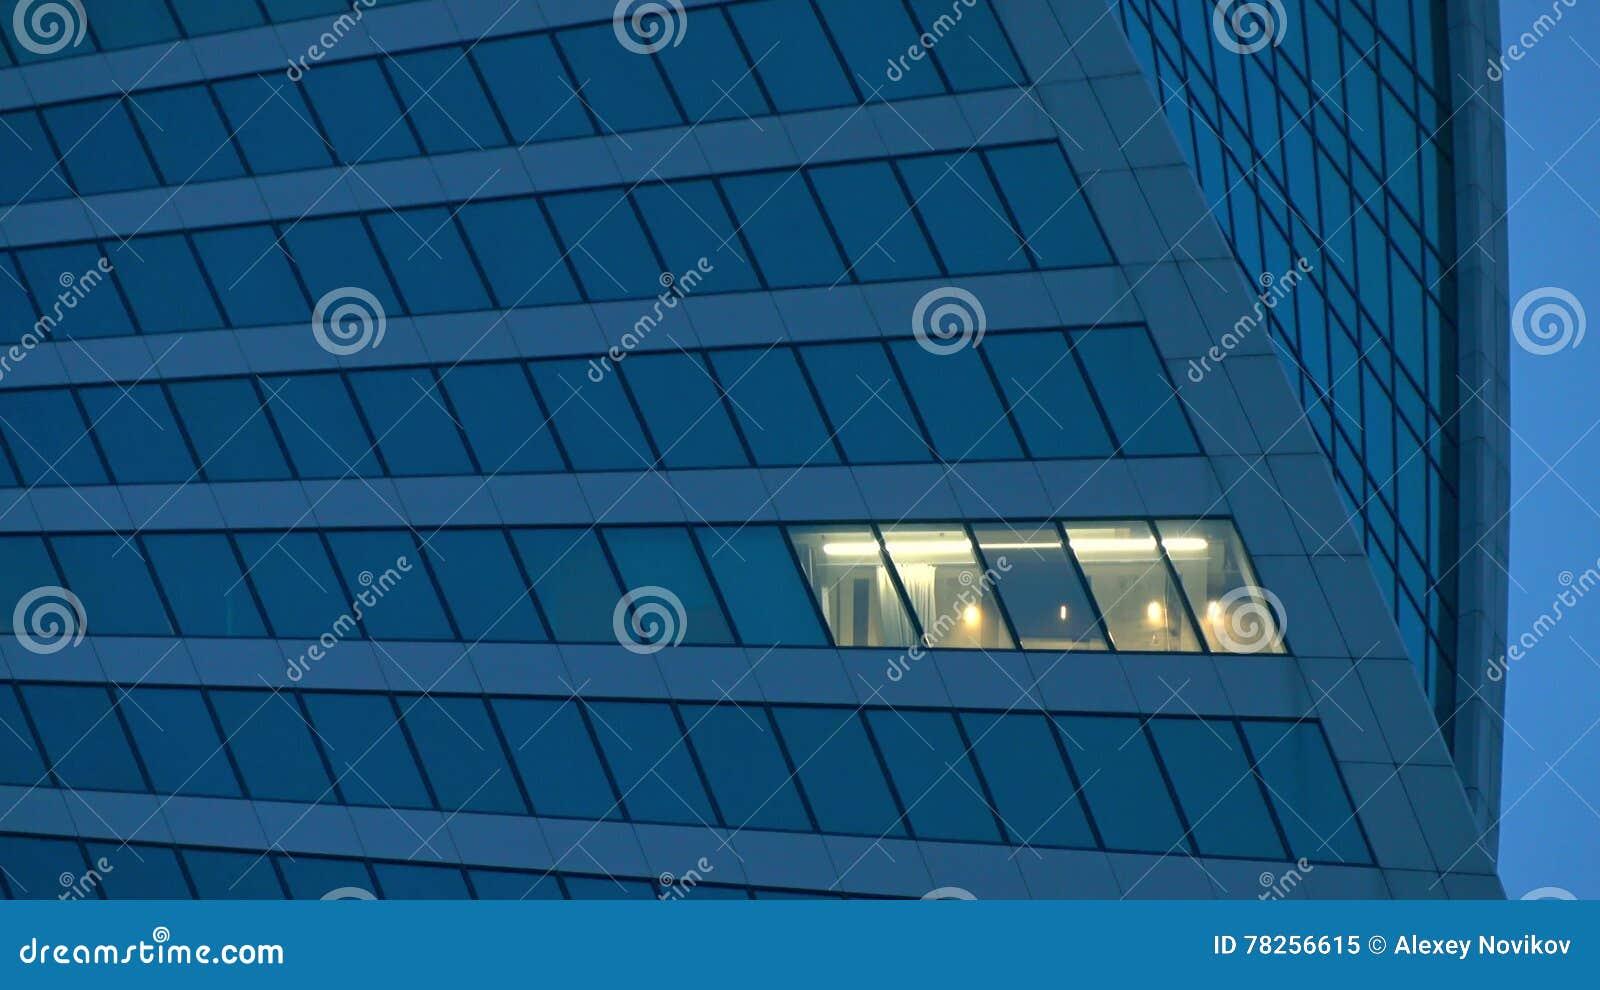 Φως στα παράθυρα γραφείων στο σύγχρονο ουρανοξύστη πρόσφατη εργασία